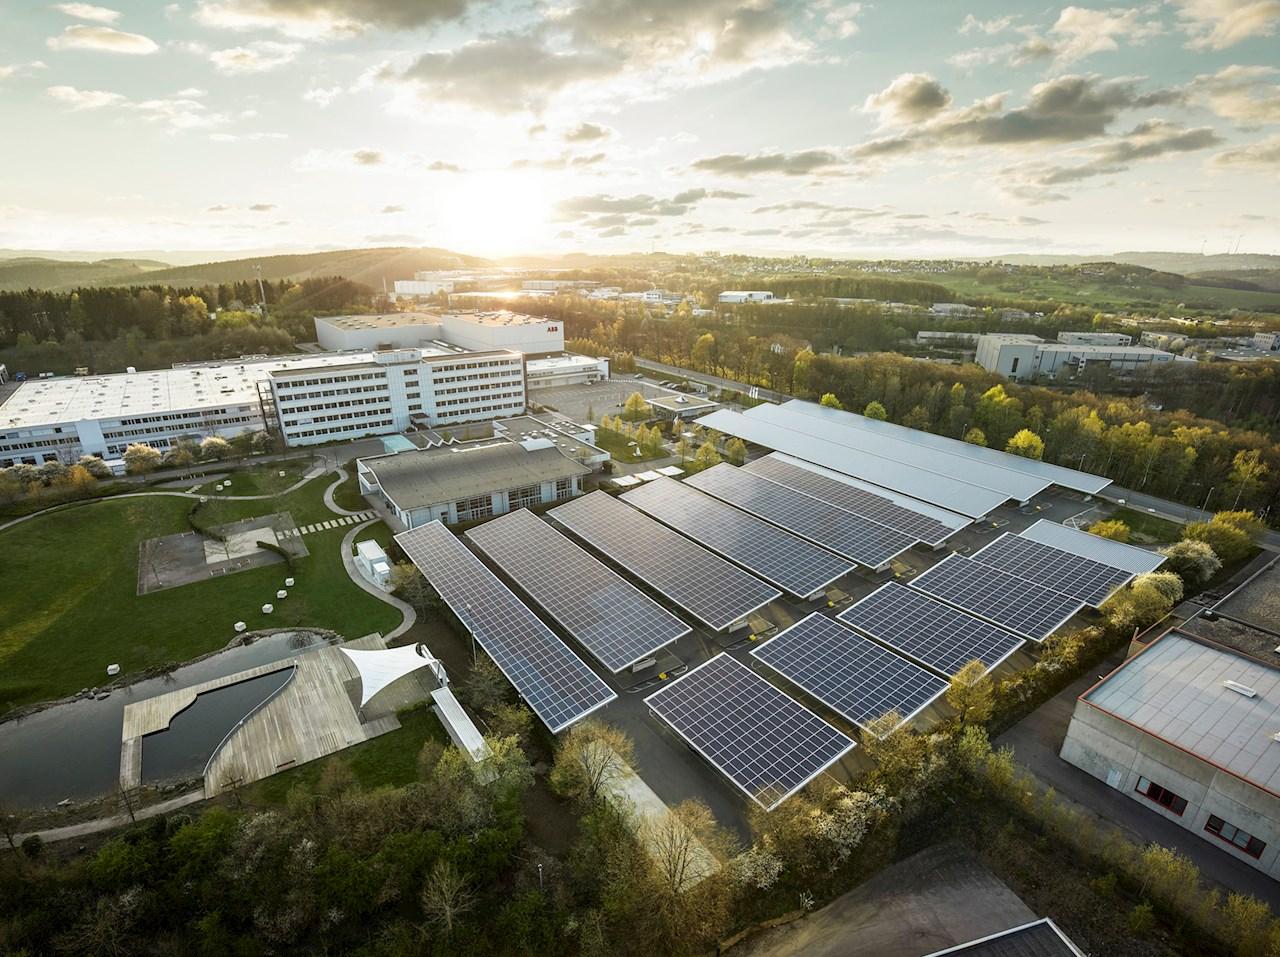 ABB präsentiert am Standort Lüdenscheid eine hochmoderne CO2-neutrale und energieautarke Fabrik der Zukunft